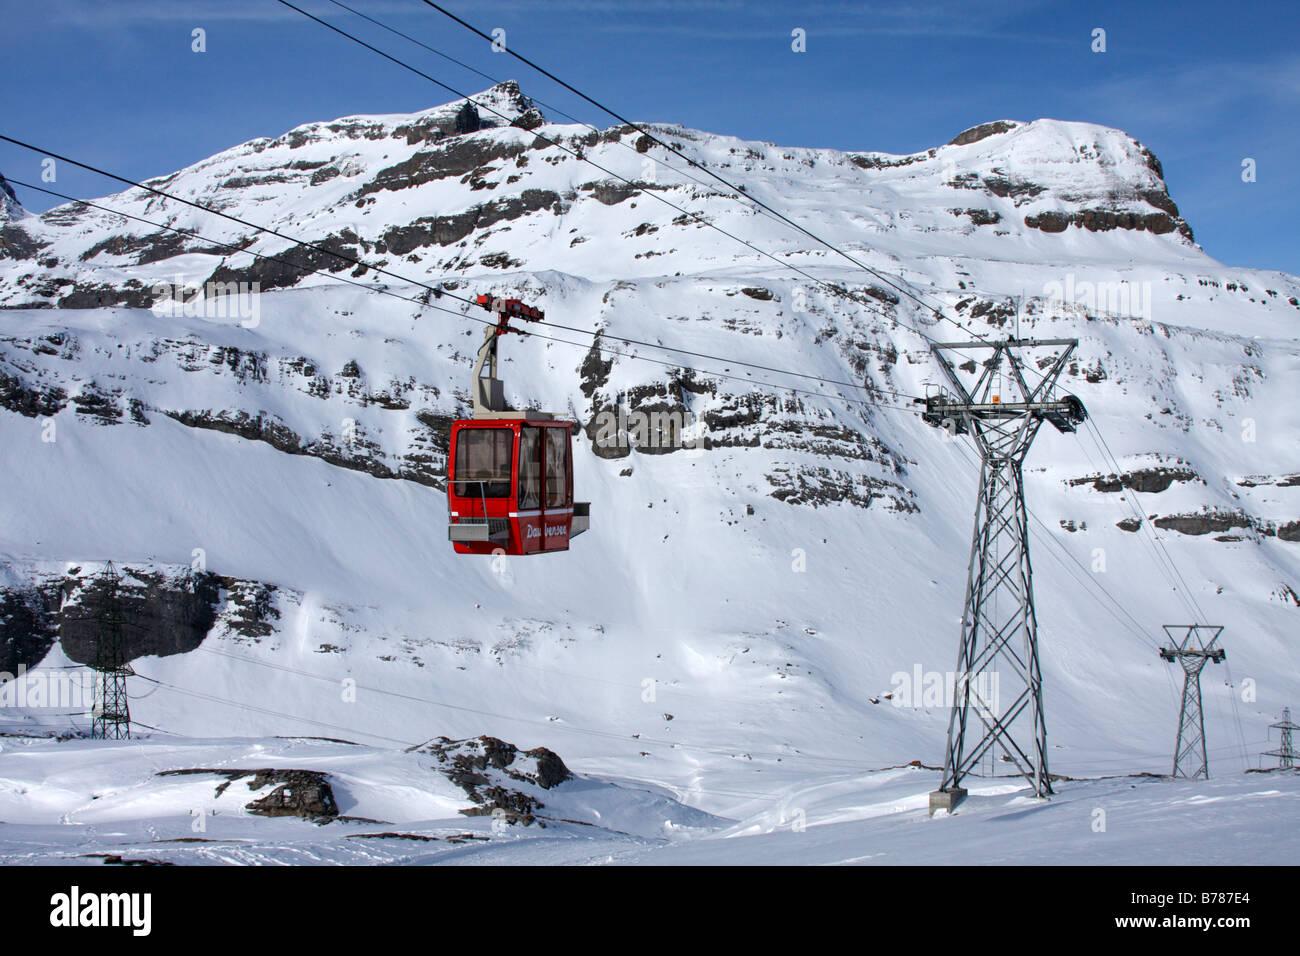 Gemmipass-Daubensee cableway, Leukerbad, Switzerland - Stock Image